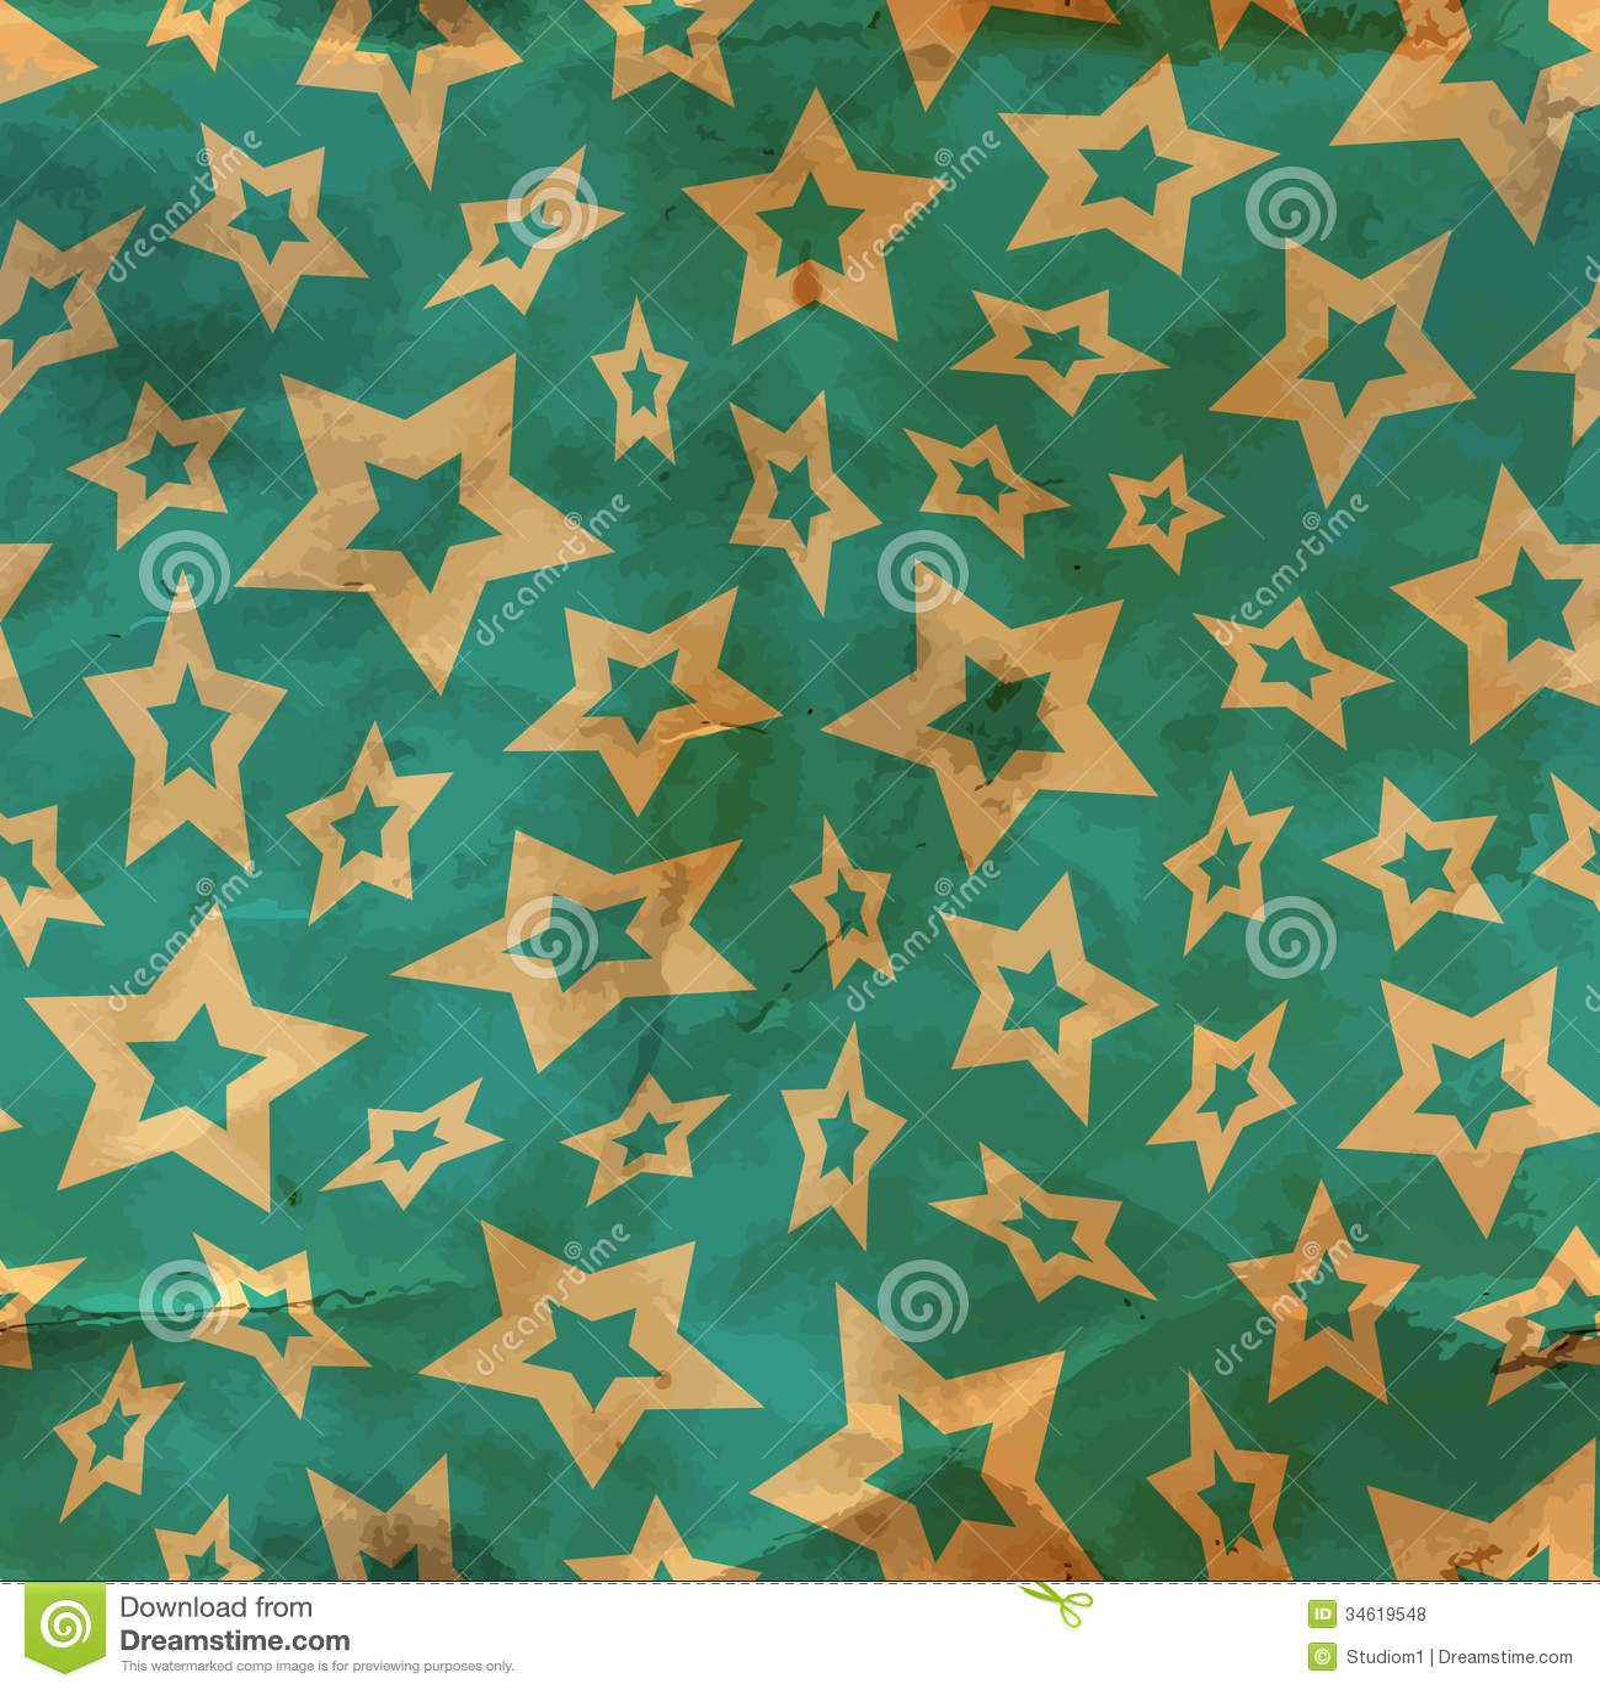 abstractstars abstract stars patterns - photo #36